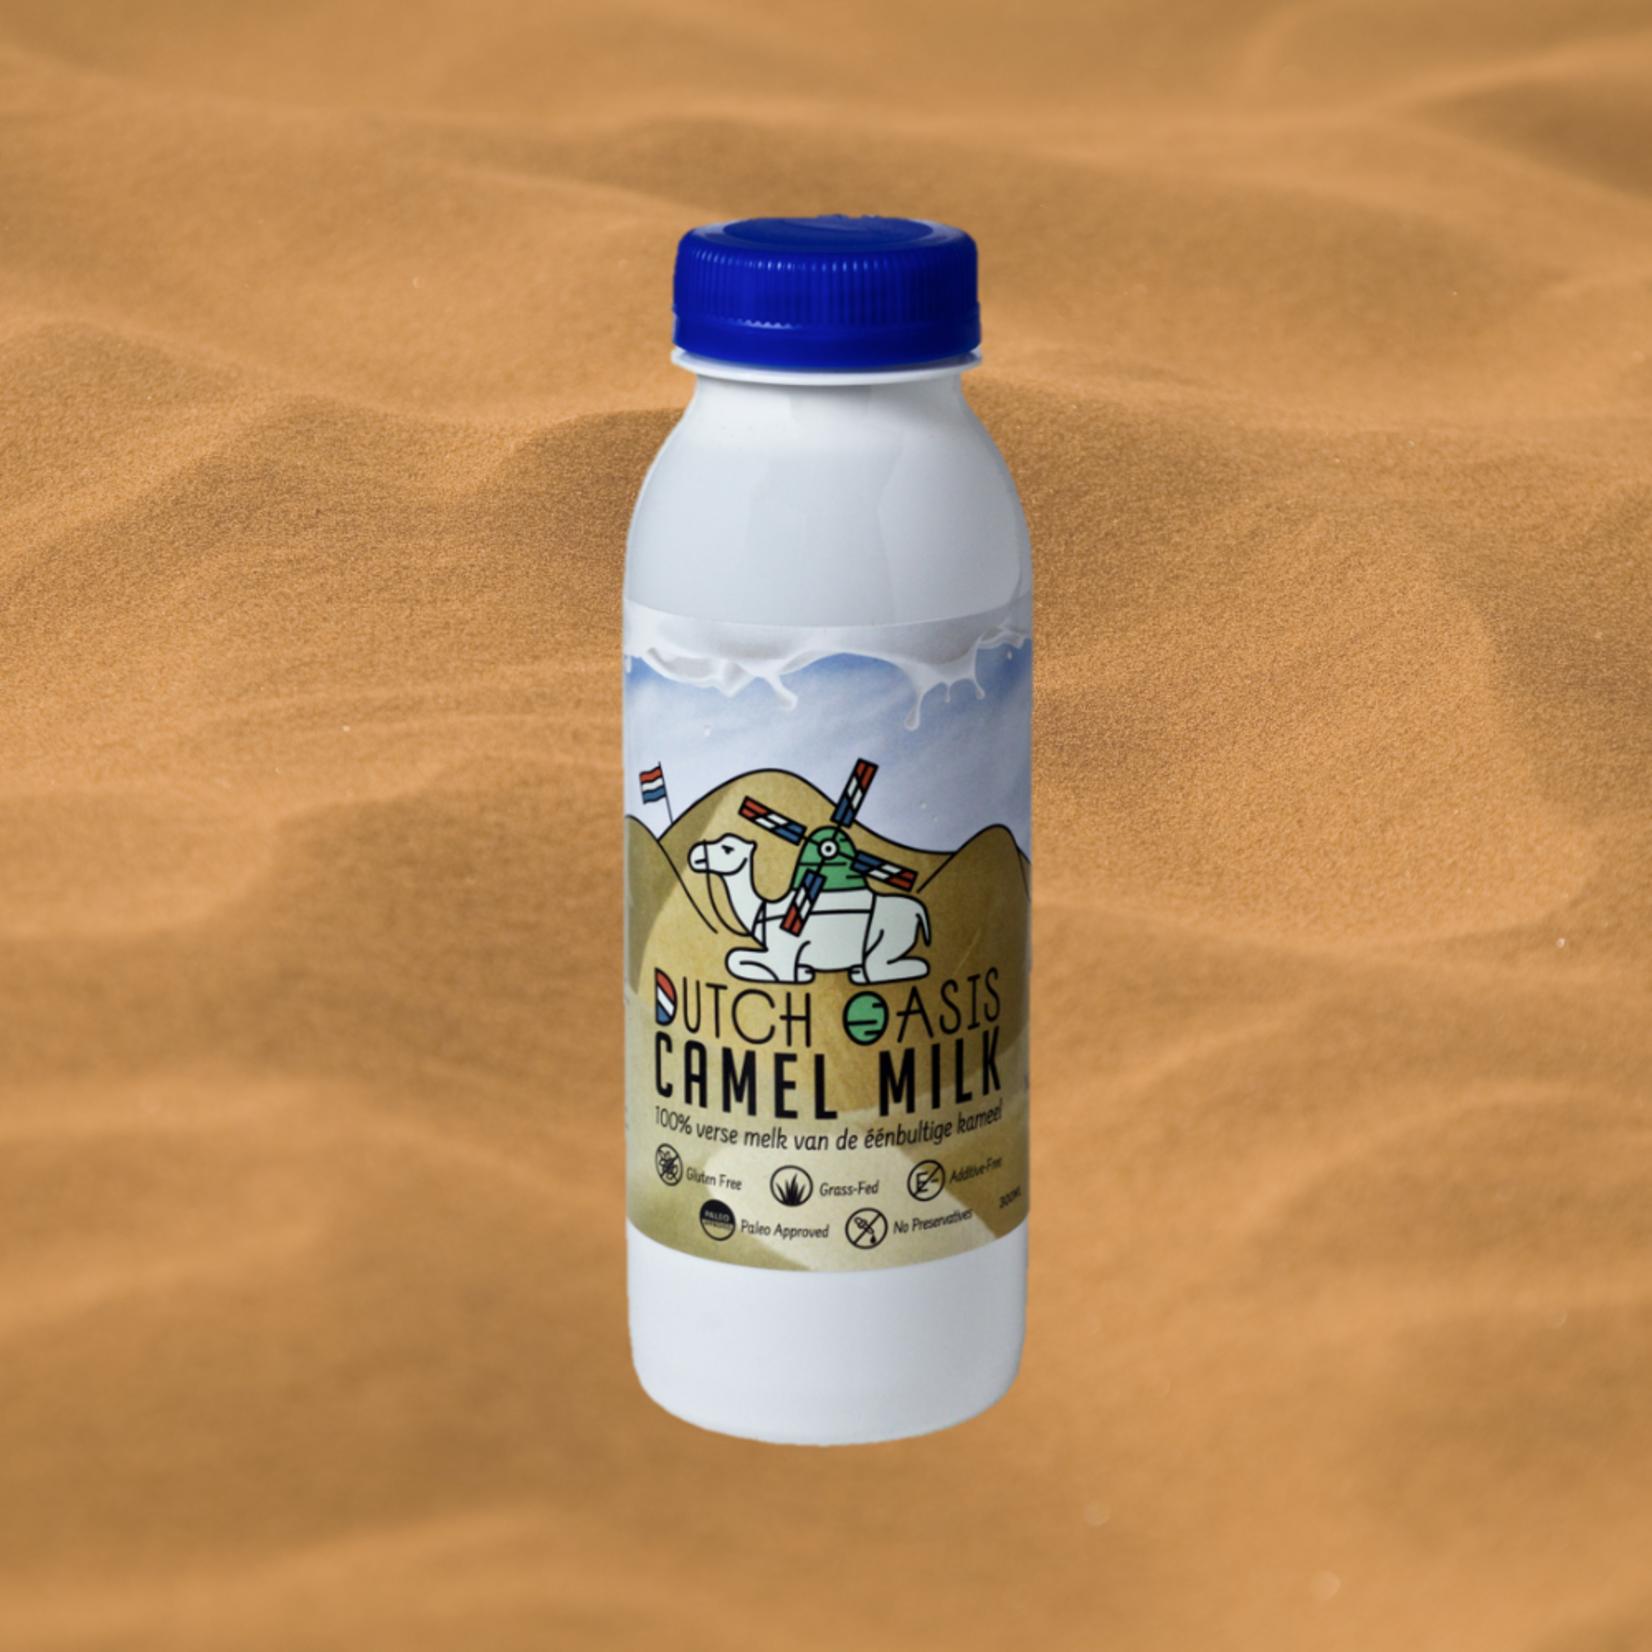 Dutch Oasis 10 Flaschen  von 250 ml frische rohe Kamelmilch  €3,95/Flasche